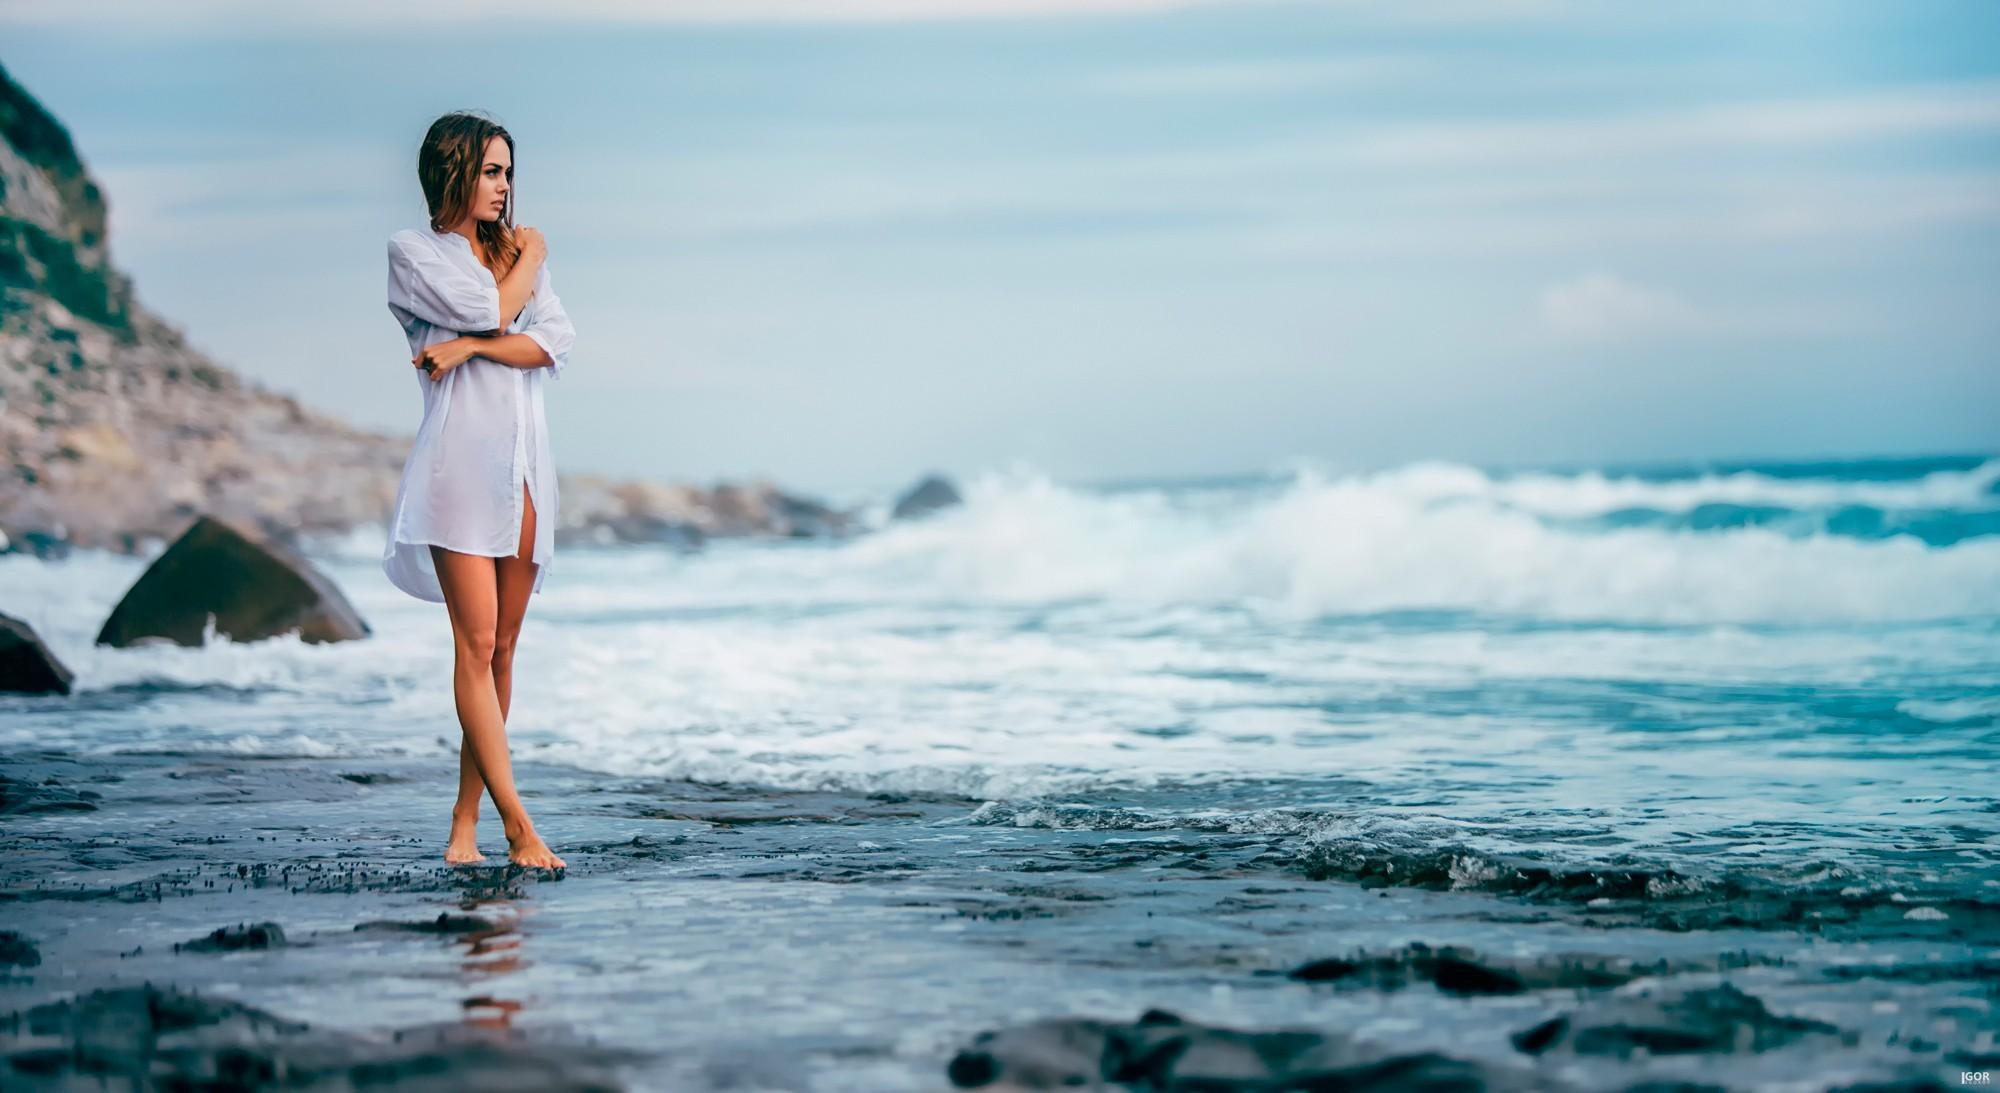 фото женщин на берегу моря смотри порно 6